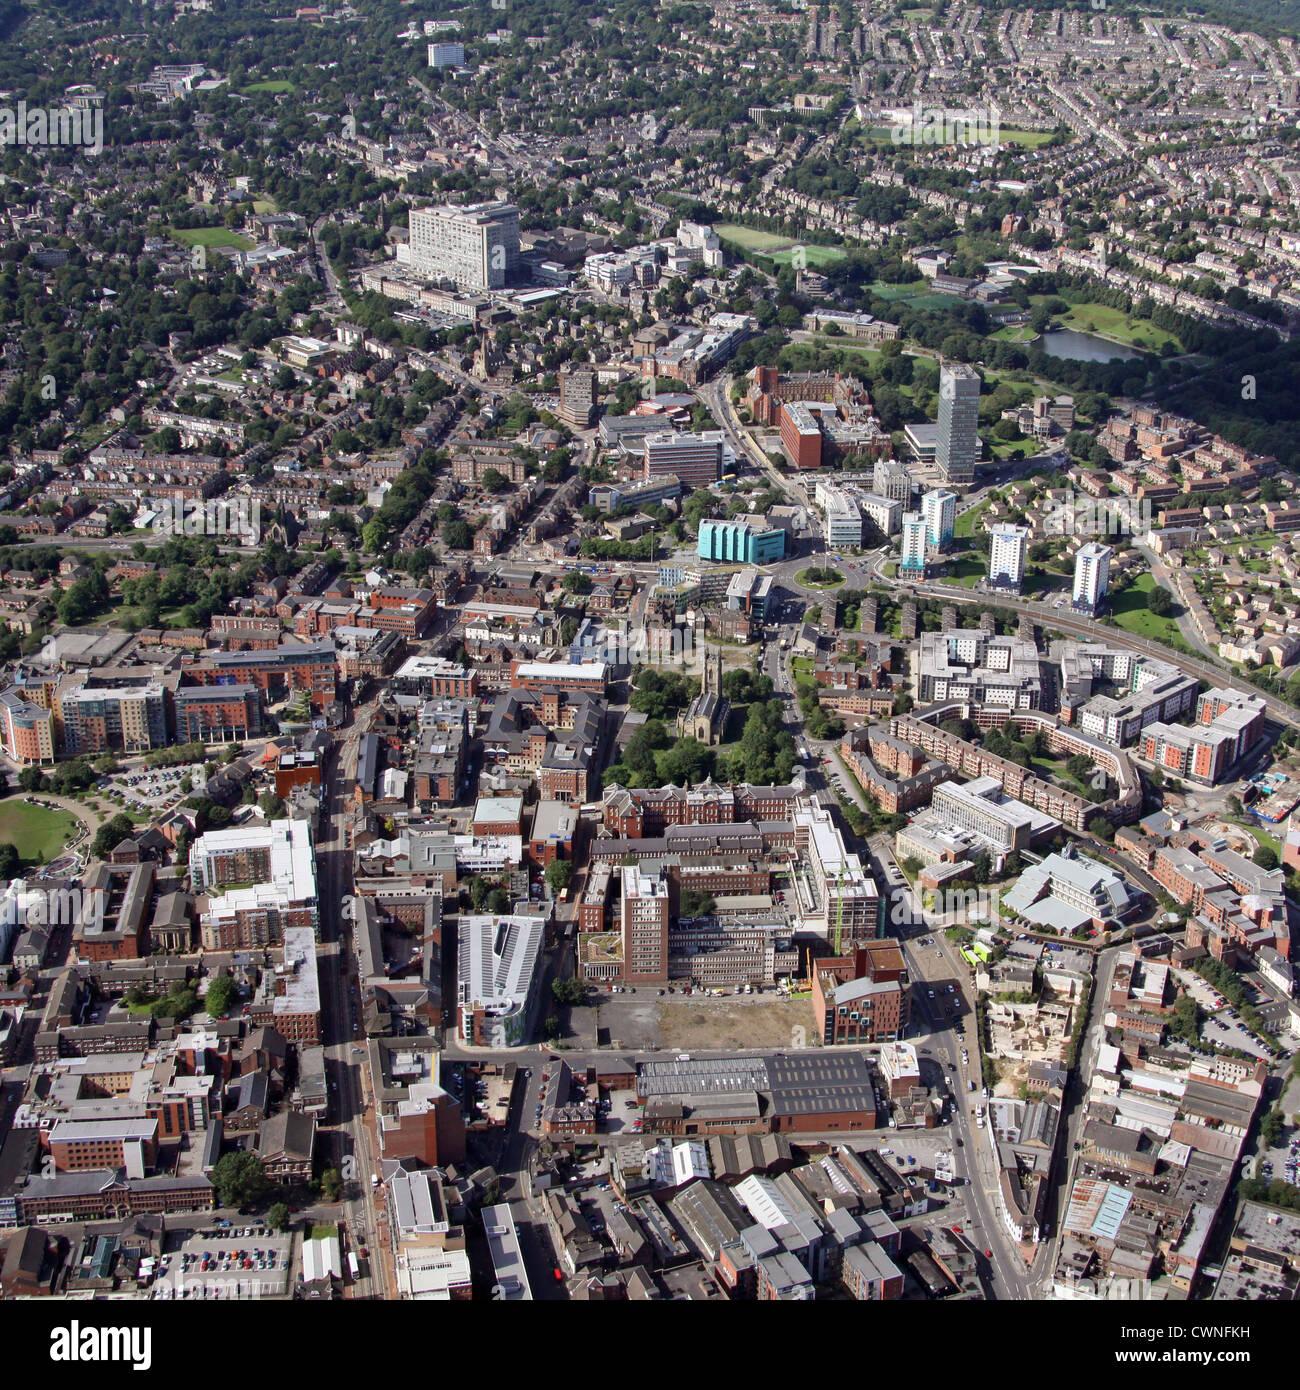 Vue aérienne de l'Université de Sheffield à partir de l'est à l'ouest de l'établissement Photo Stock